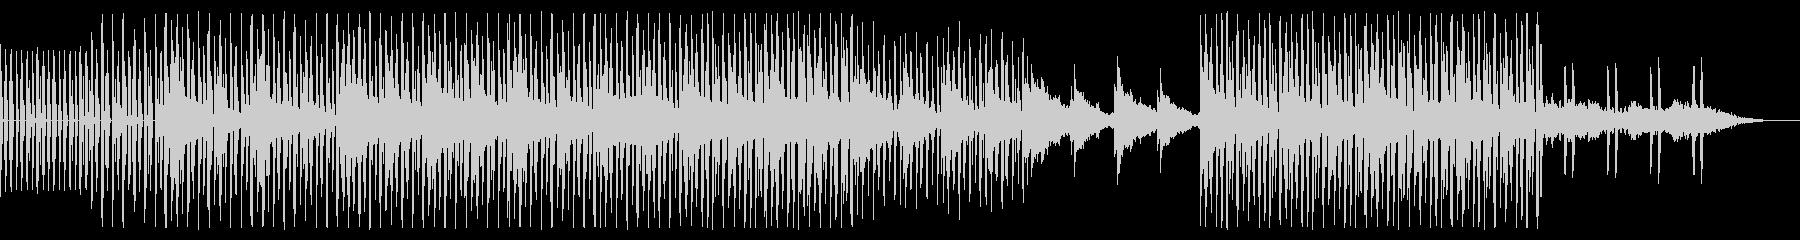 ギターのアルペジオが印象的な幻想的な楽曲の未再生の波形